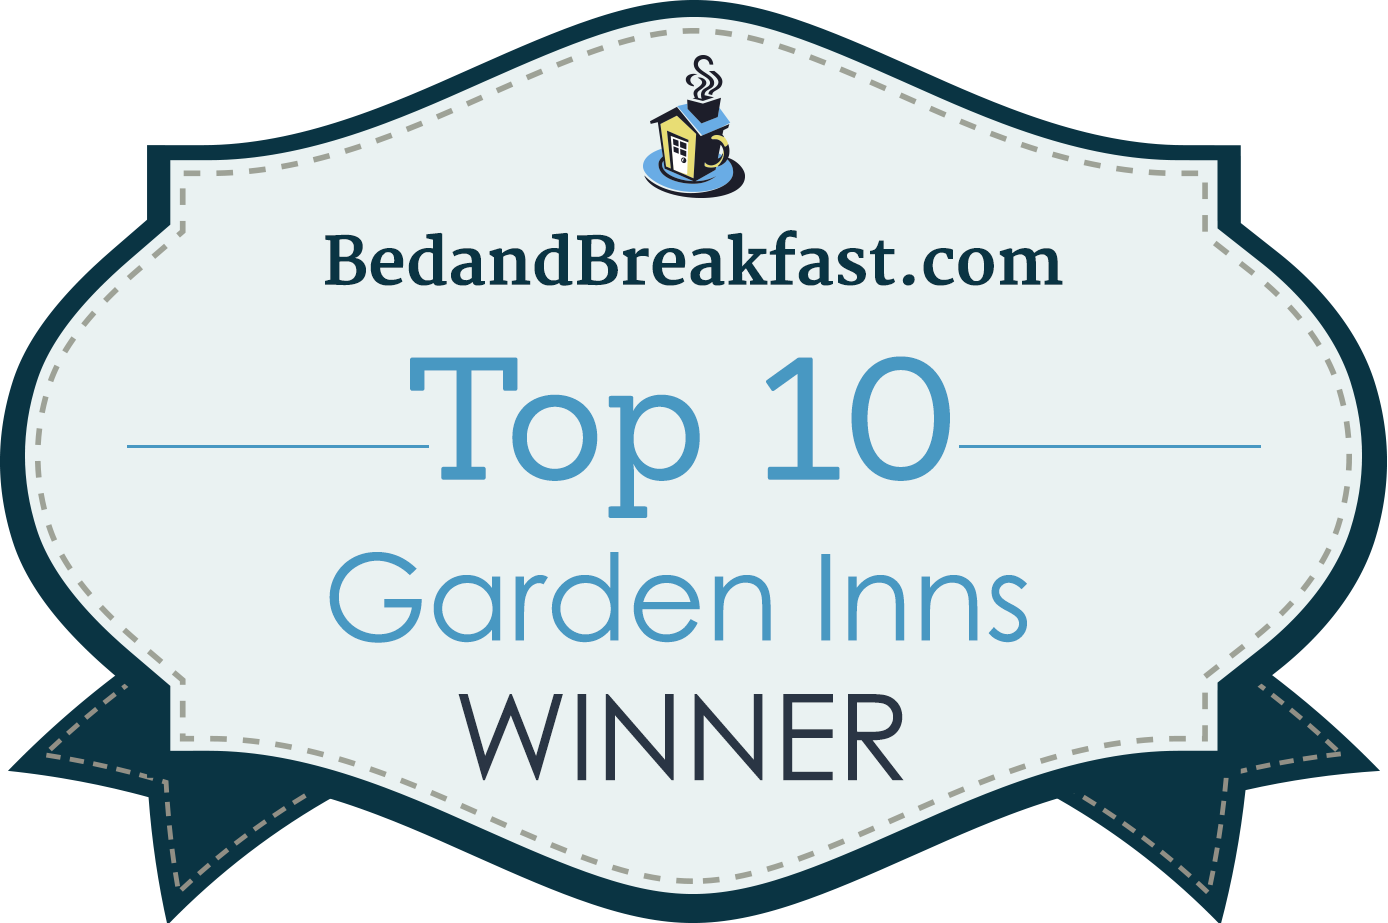 BBcom_top10-garden-inns